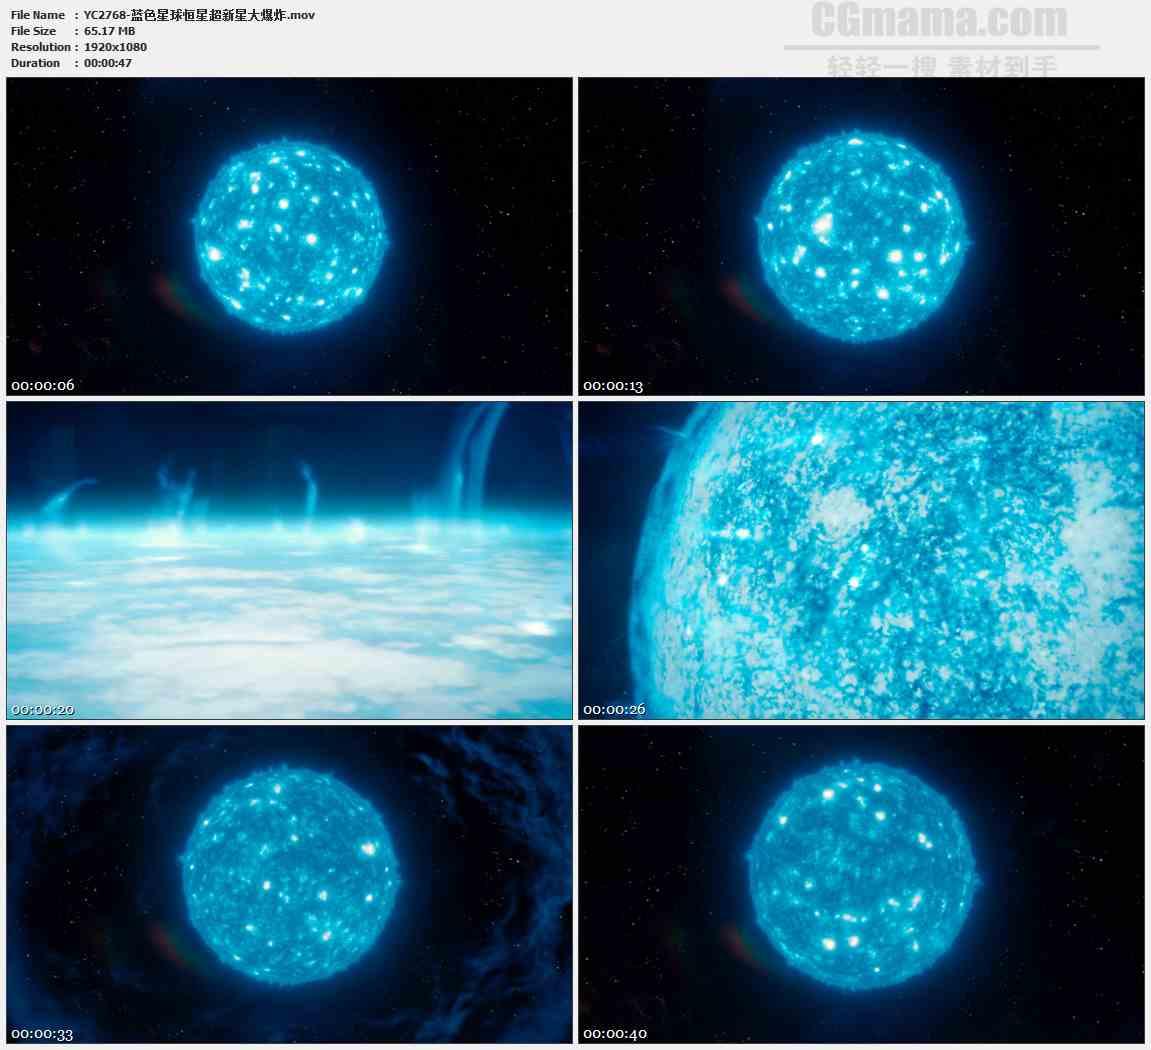 YC2768-蓝色星球恒星超新星大爆炸高清实拍视频素材